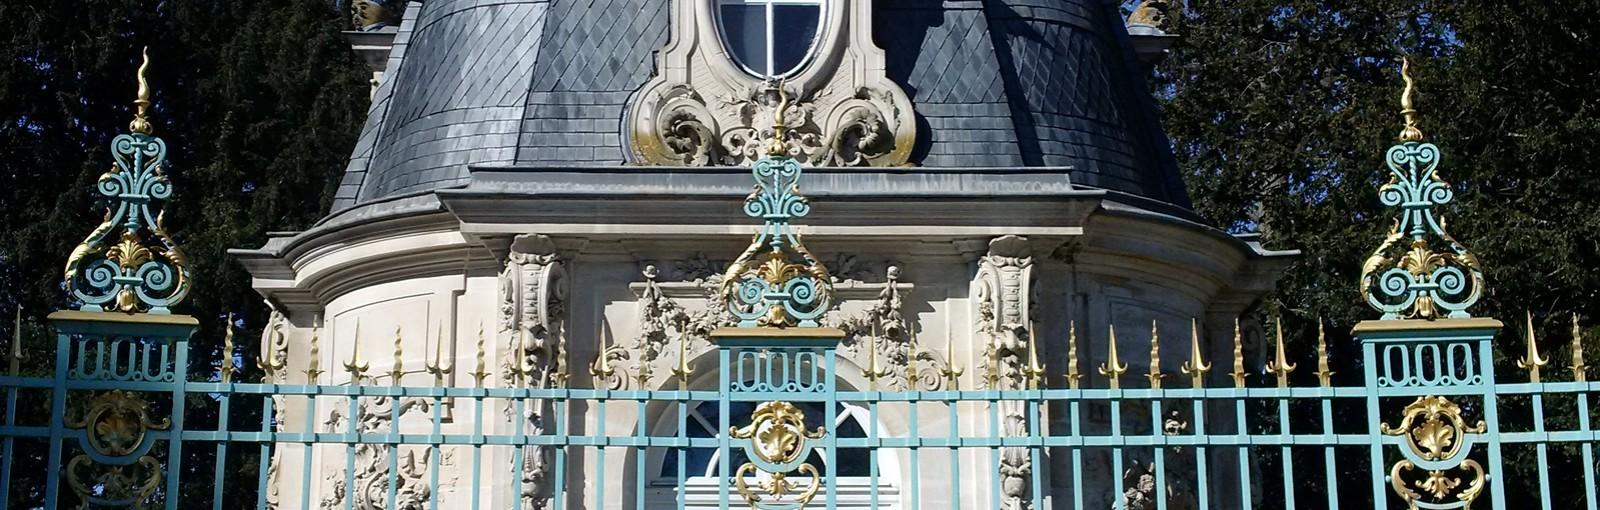 Tours Vigne de Paris et Icônes de l'Art Moderne - Demi-journées - Nos Visites et Excursions